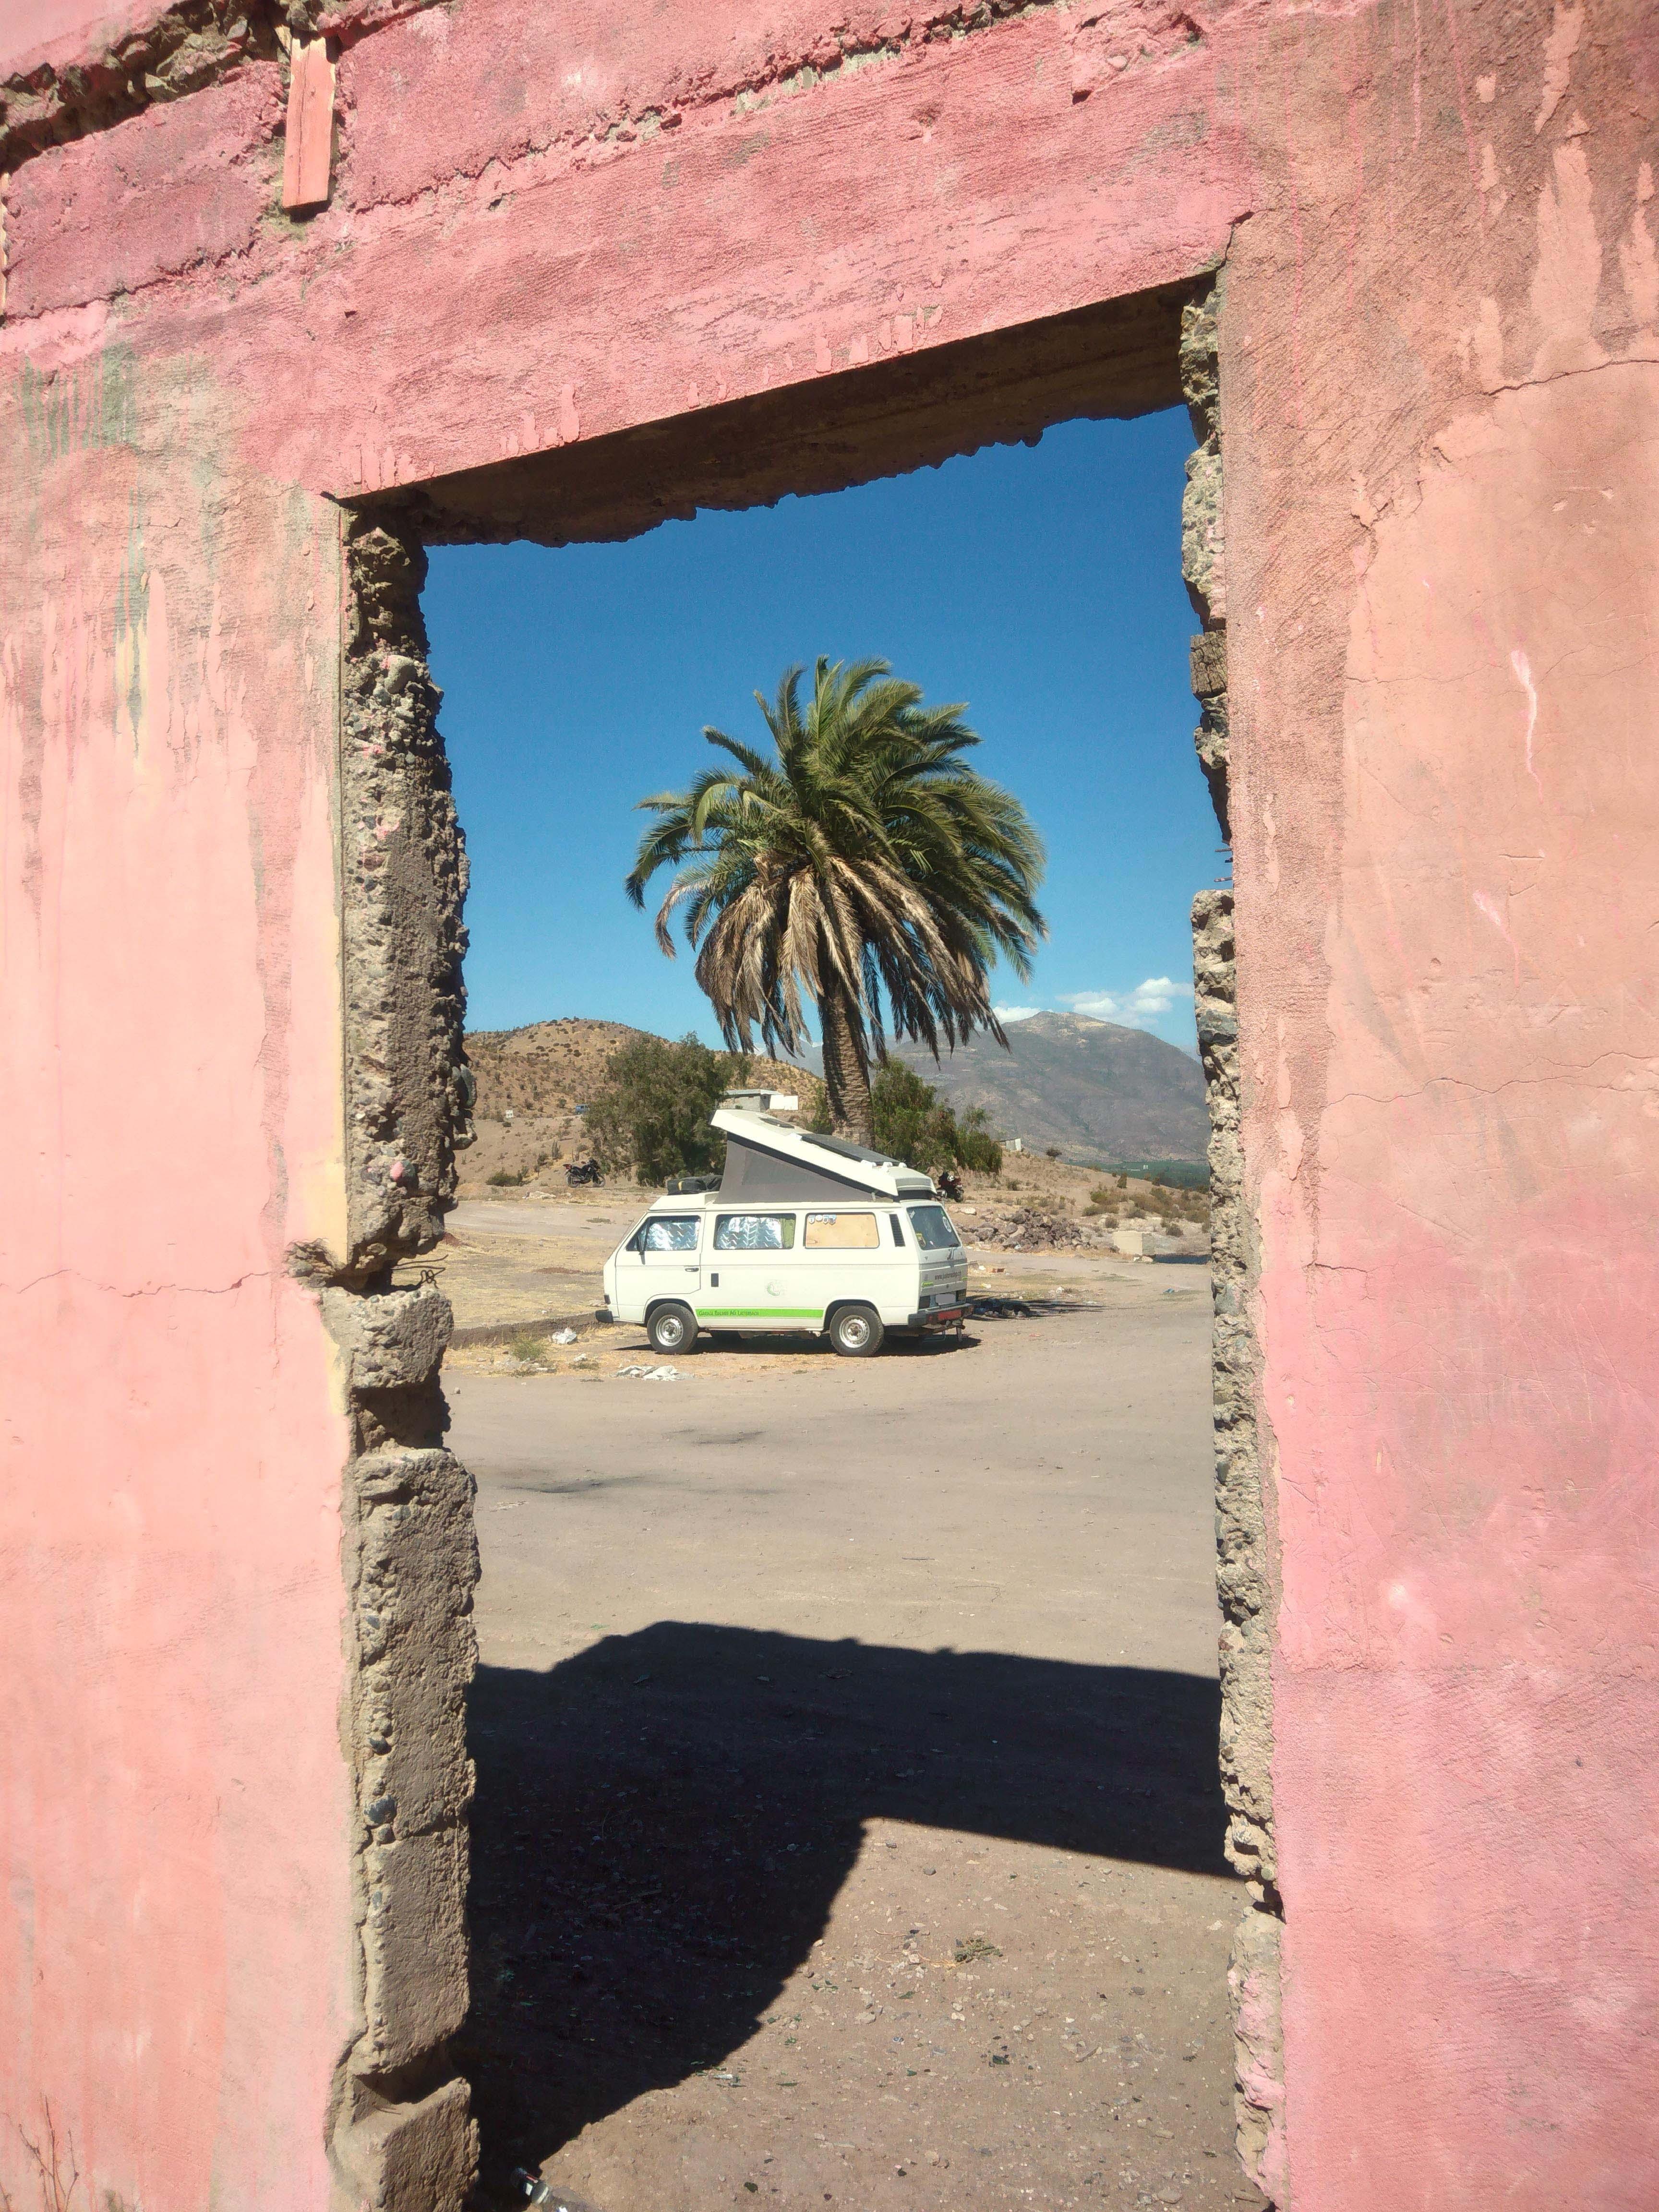 005 0401 Stausee La Paloma 8jpg